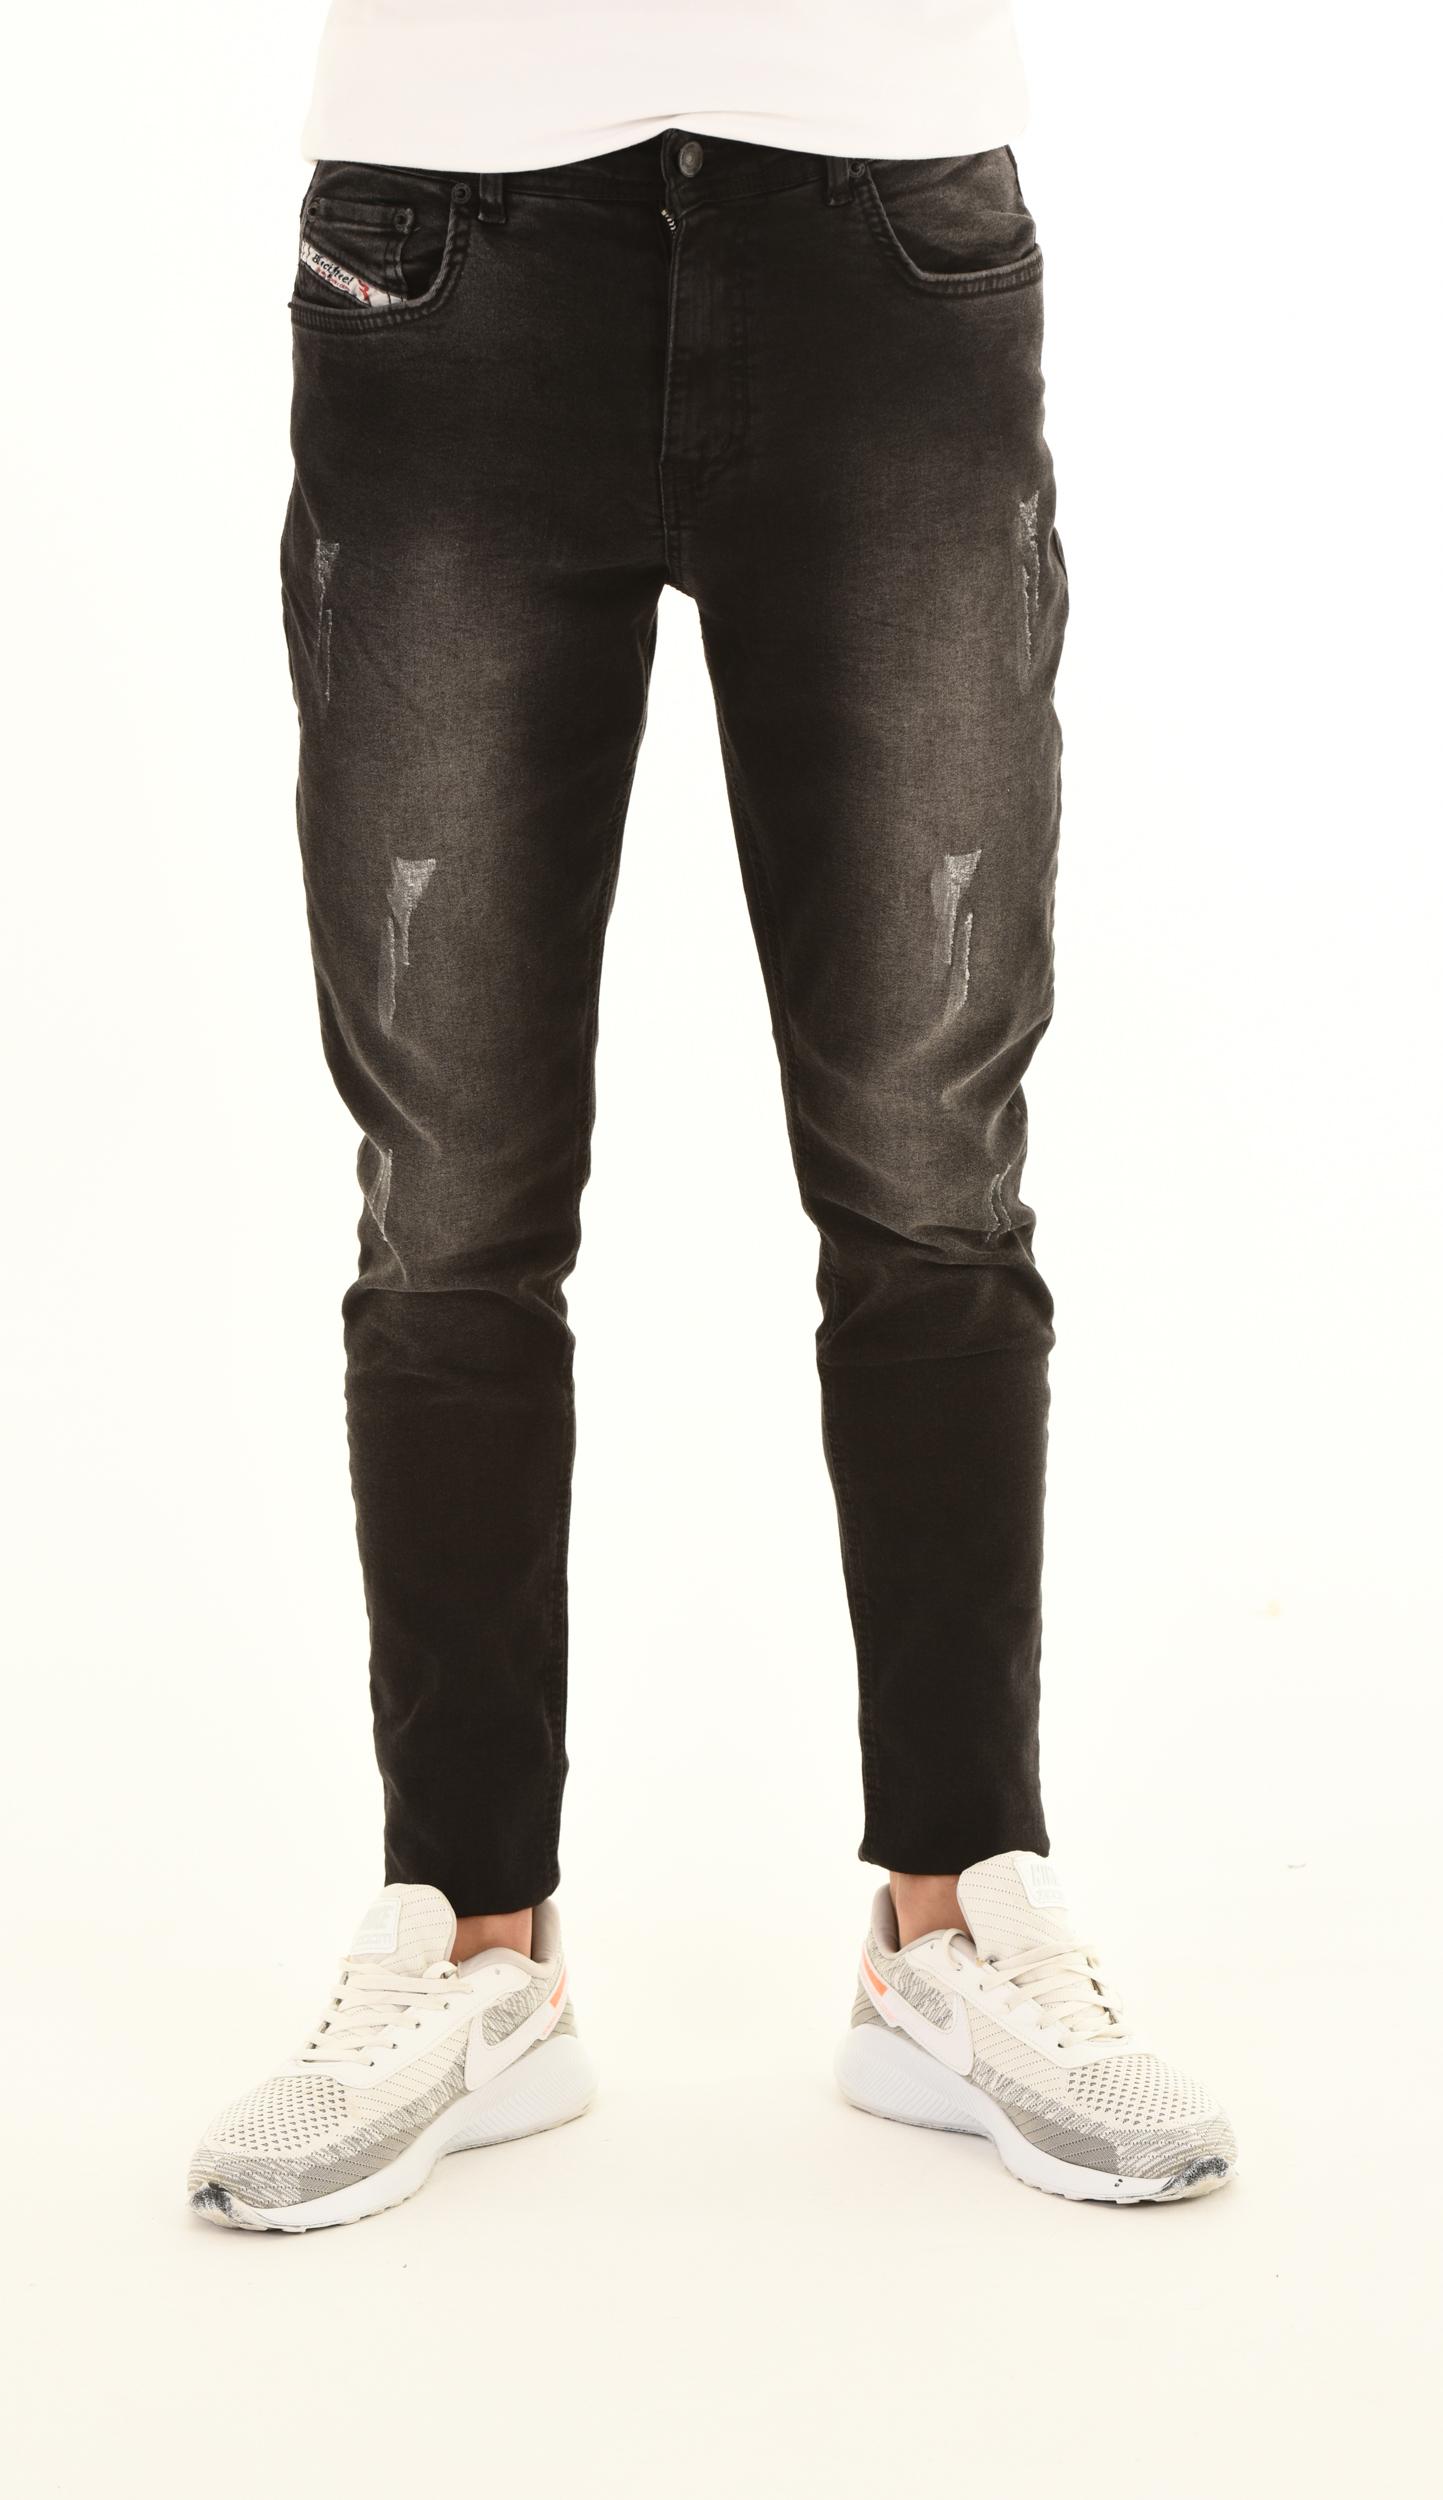 Tekstil Pantolon fotoğraf çekimi